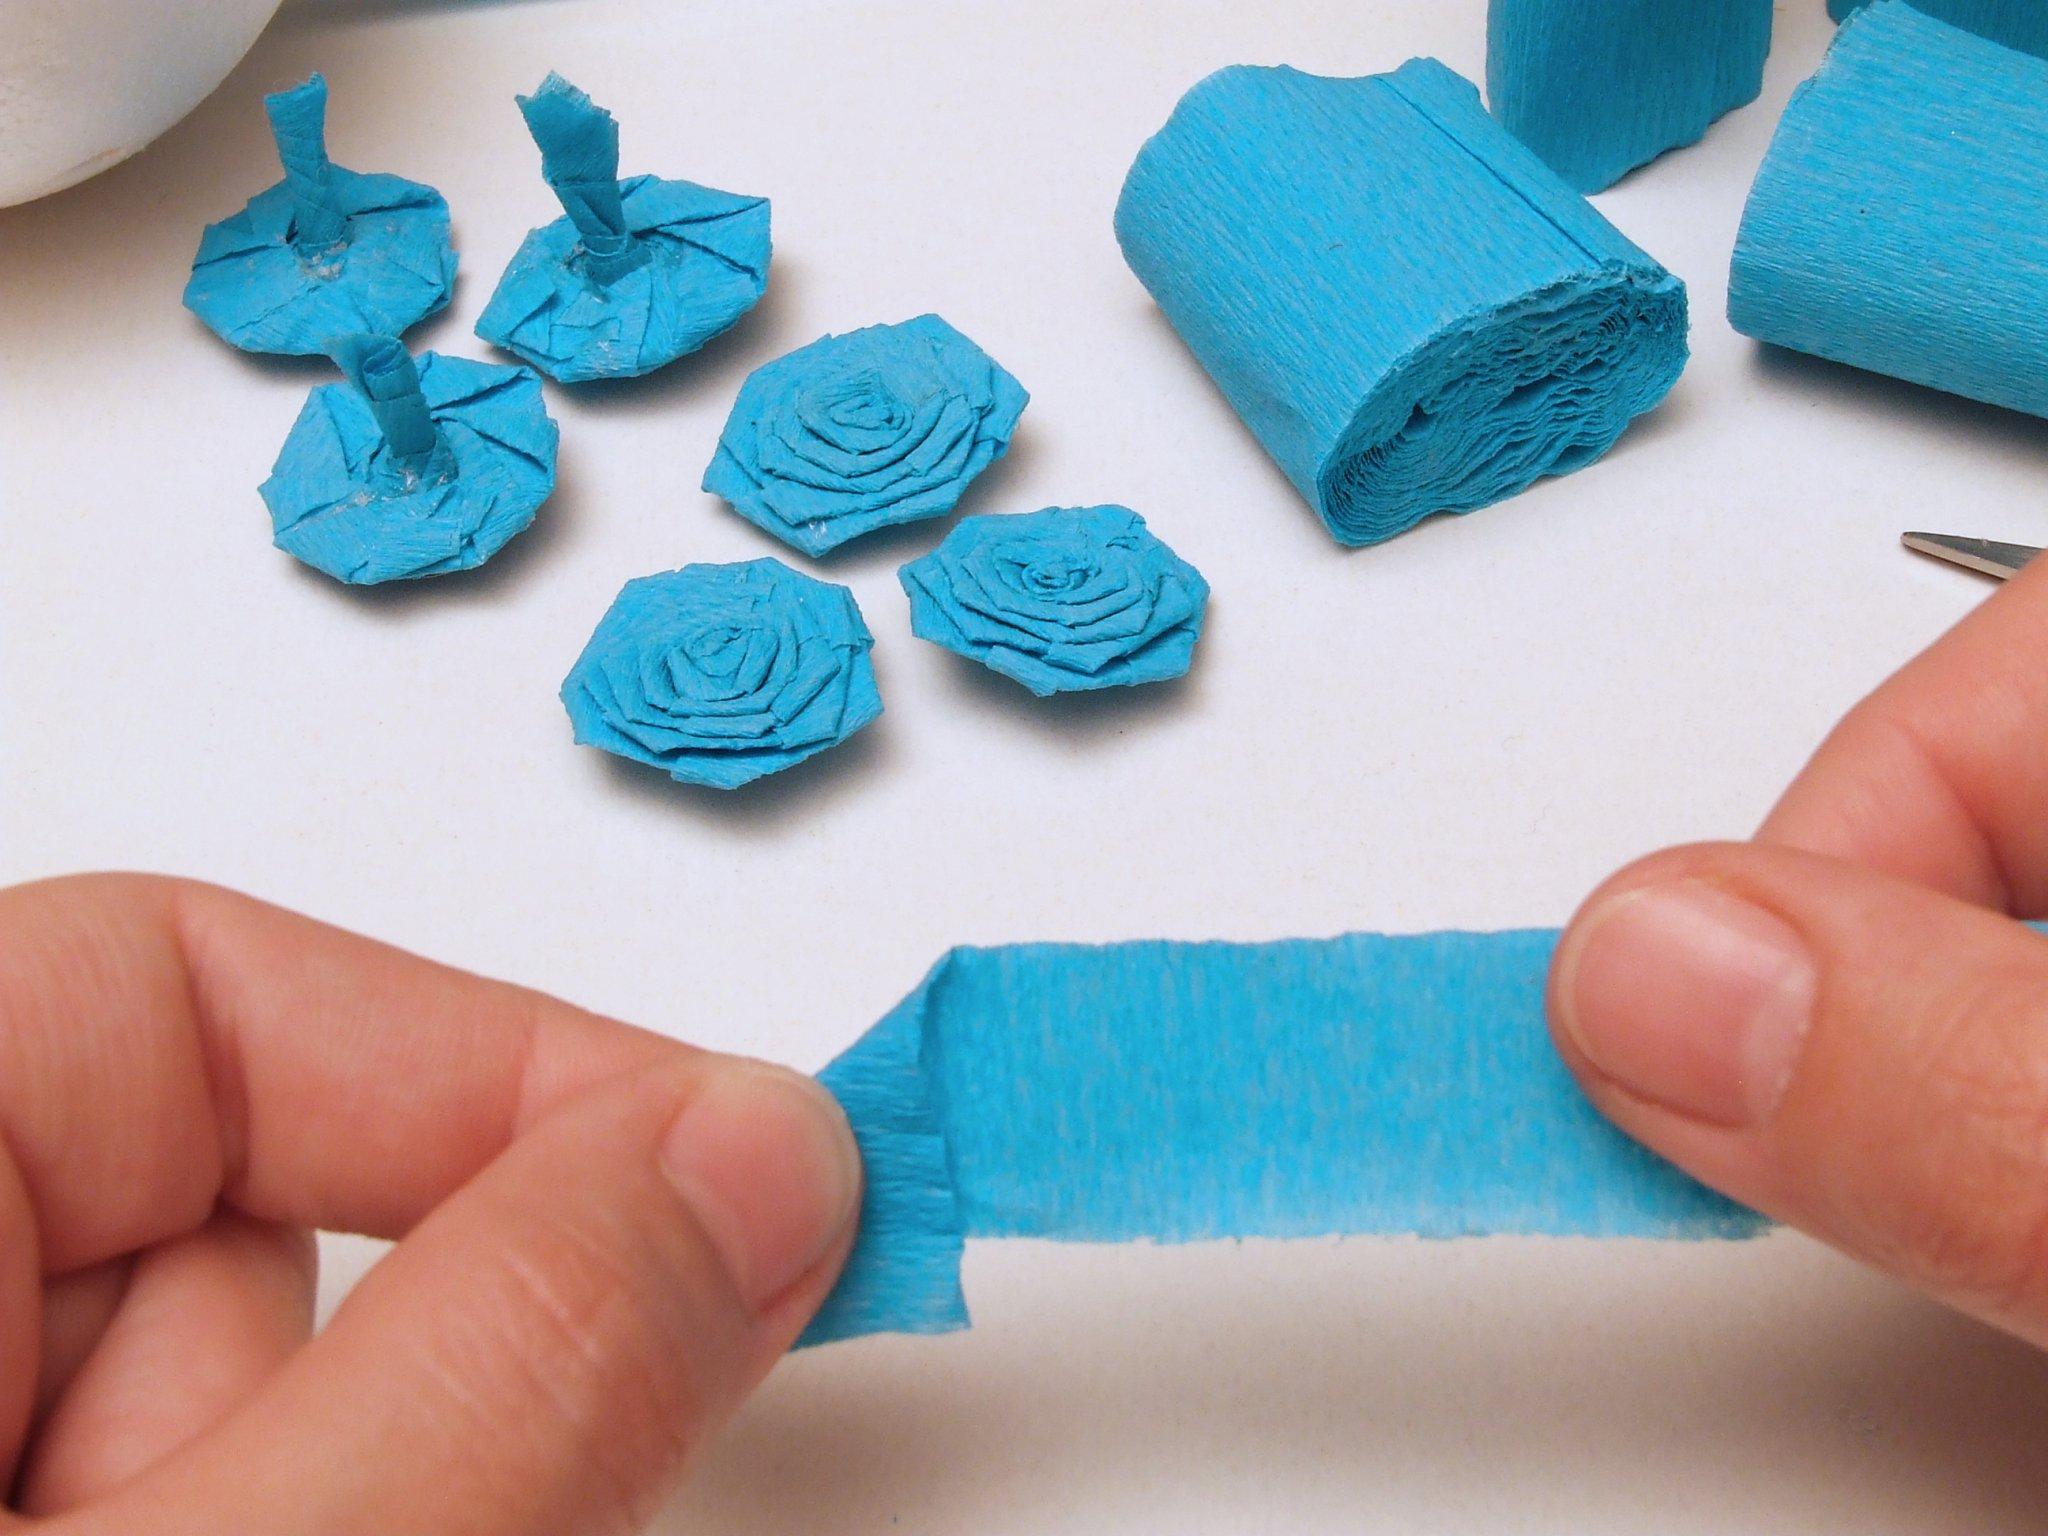 Как сделать розу из бумаги оригами - способы и варианты сборки бумажного цветка